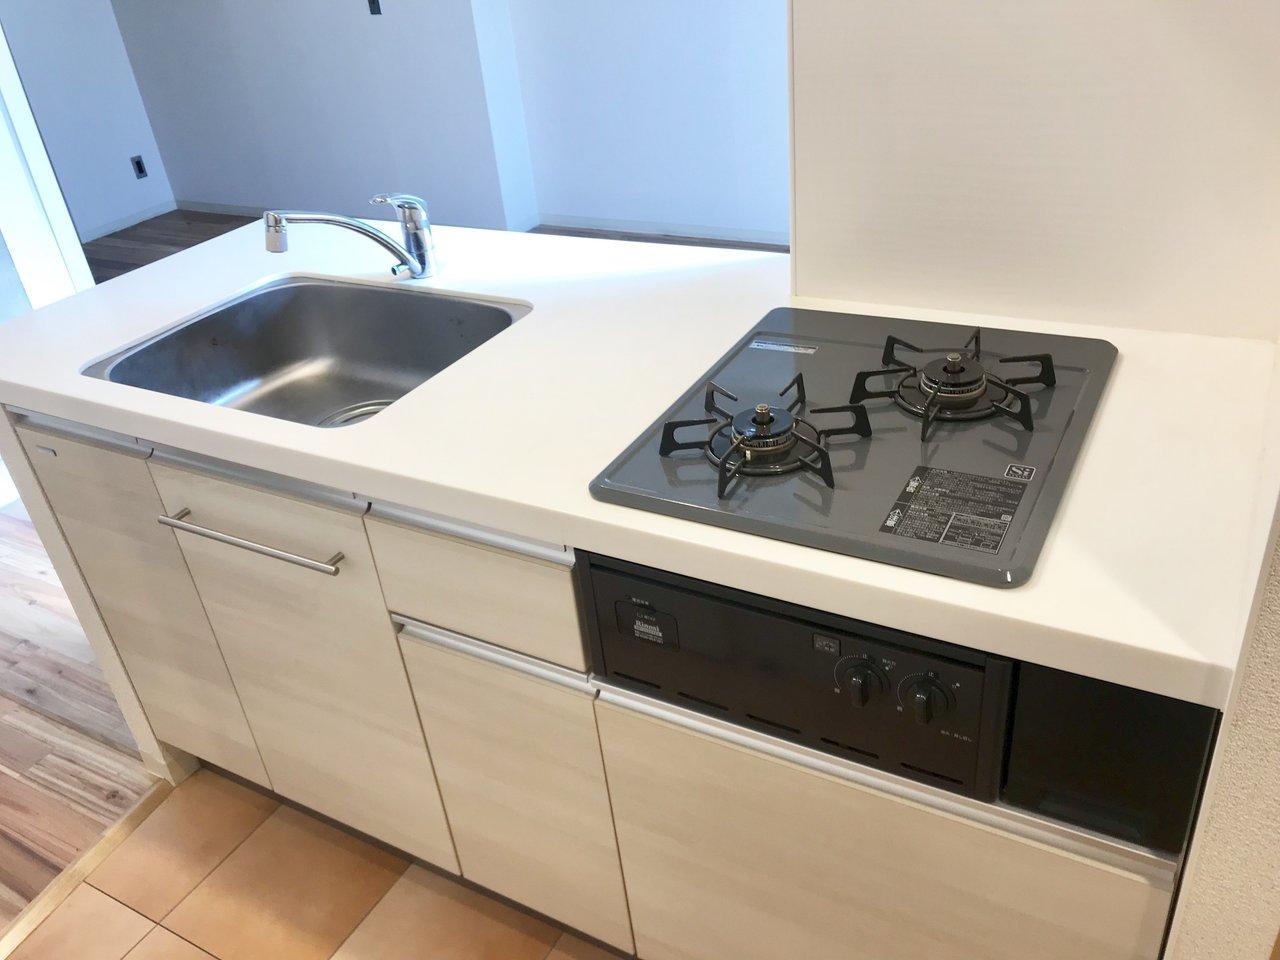 キッチンは白を基調とした造り。2口コンロ、シンク広々、さらに対面キッチン!料理するのが楽しくなりそう。